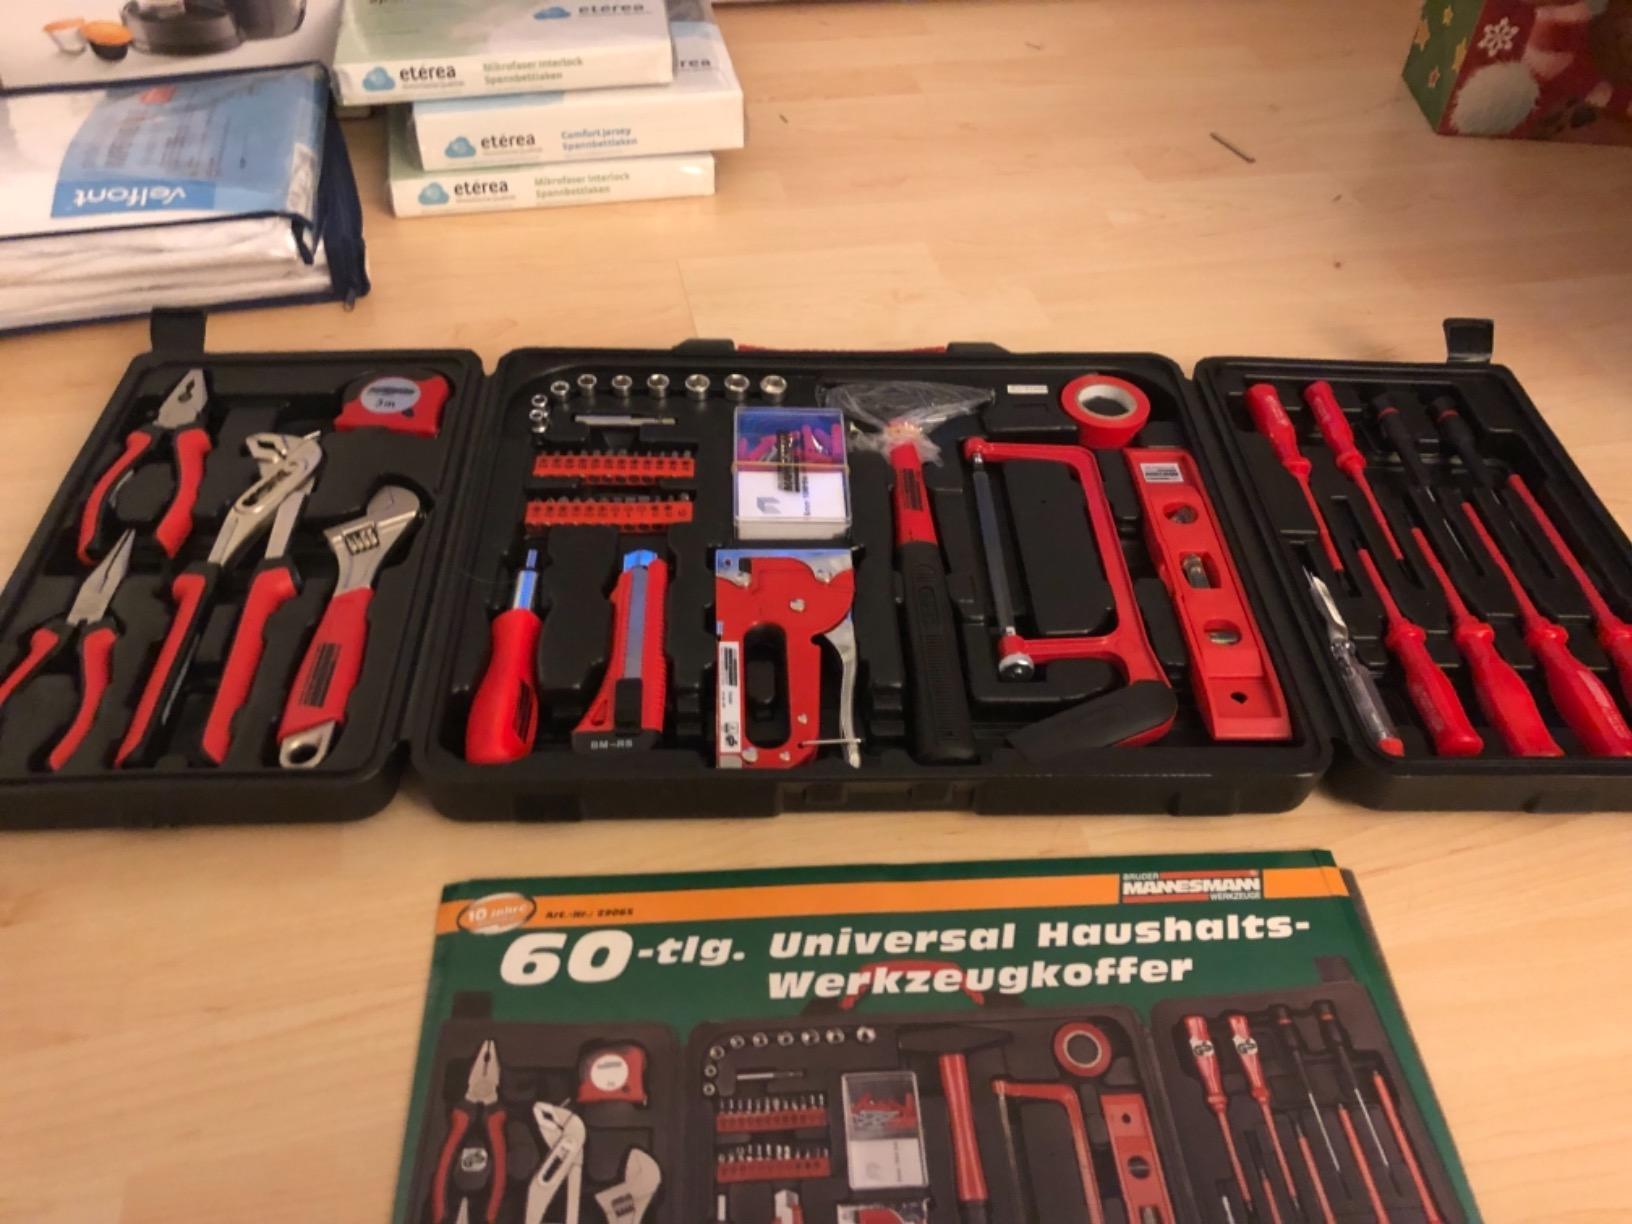 60 teilig Universal Haushalts-Werkzeugkoffer photo review